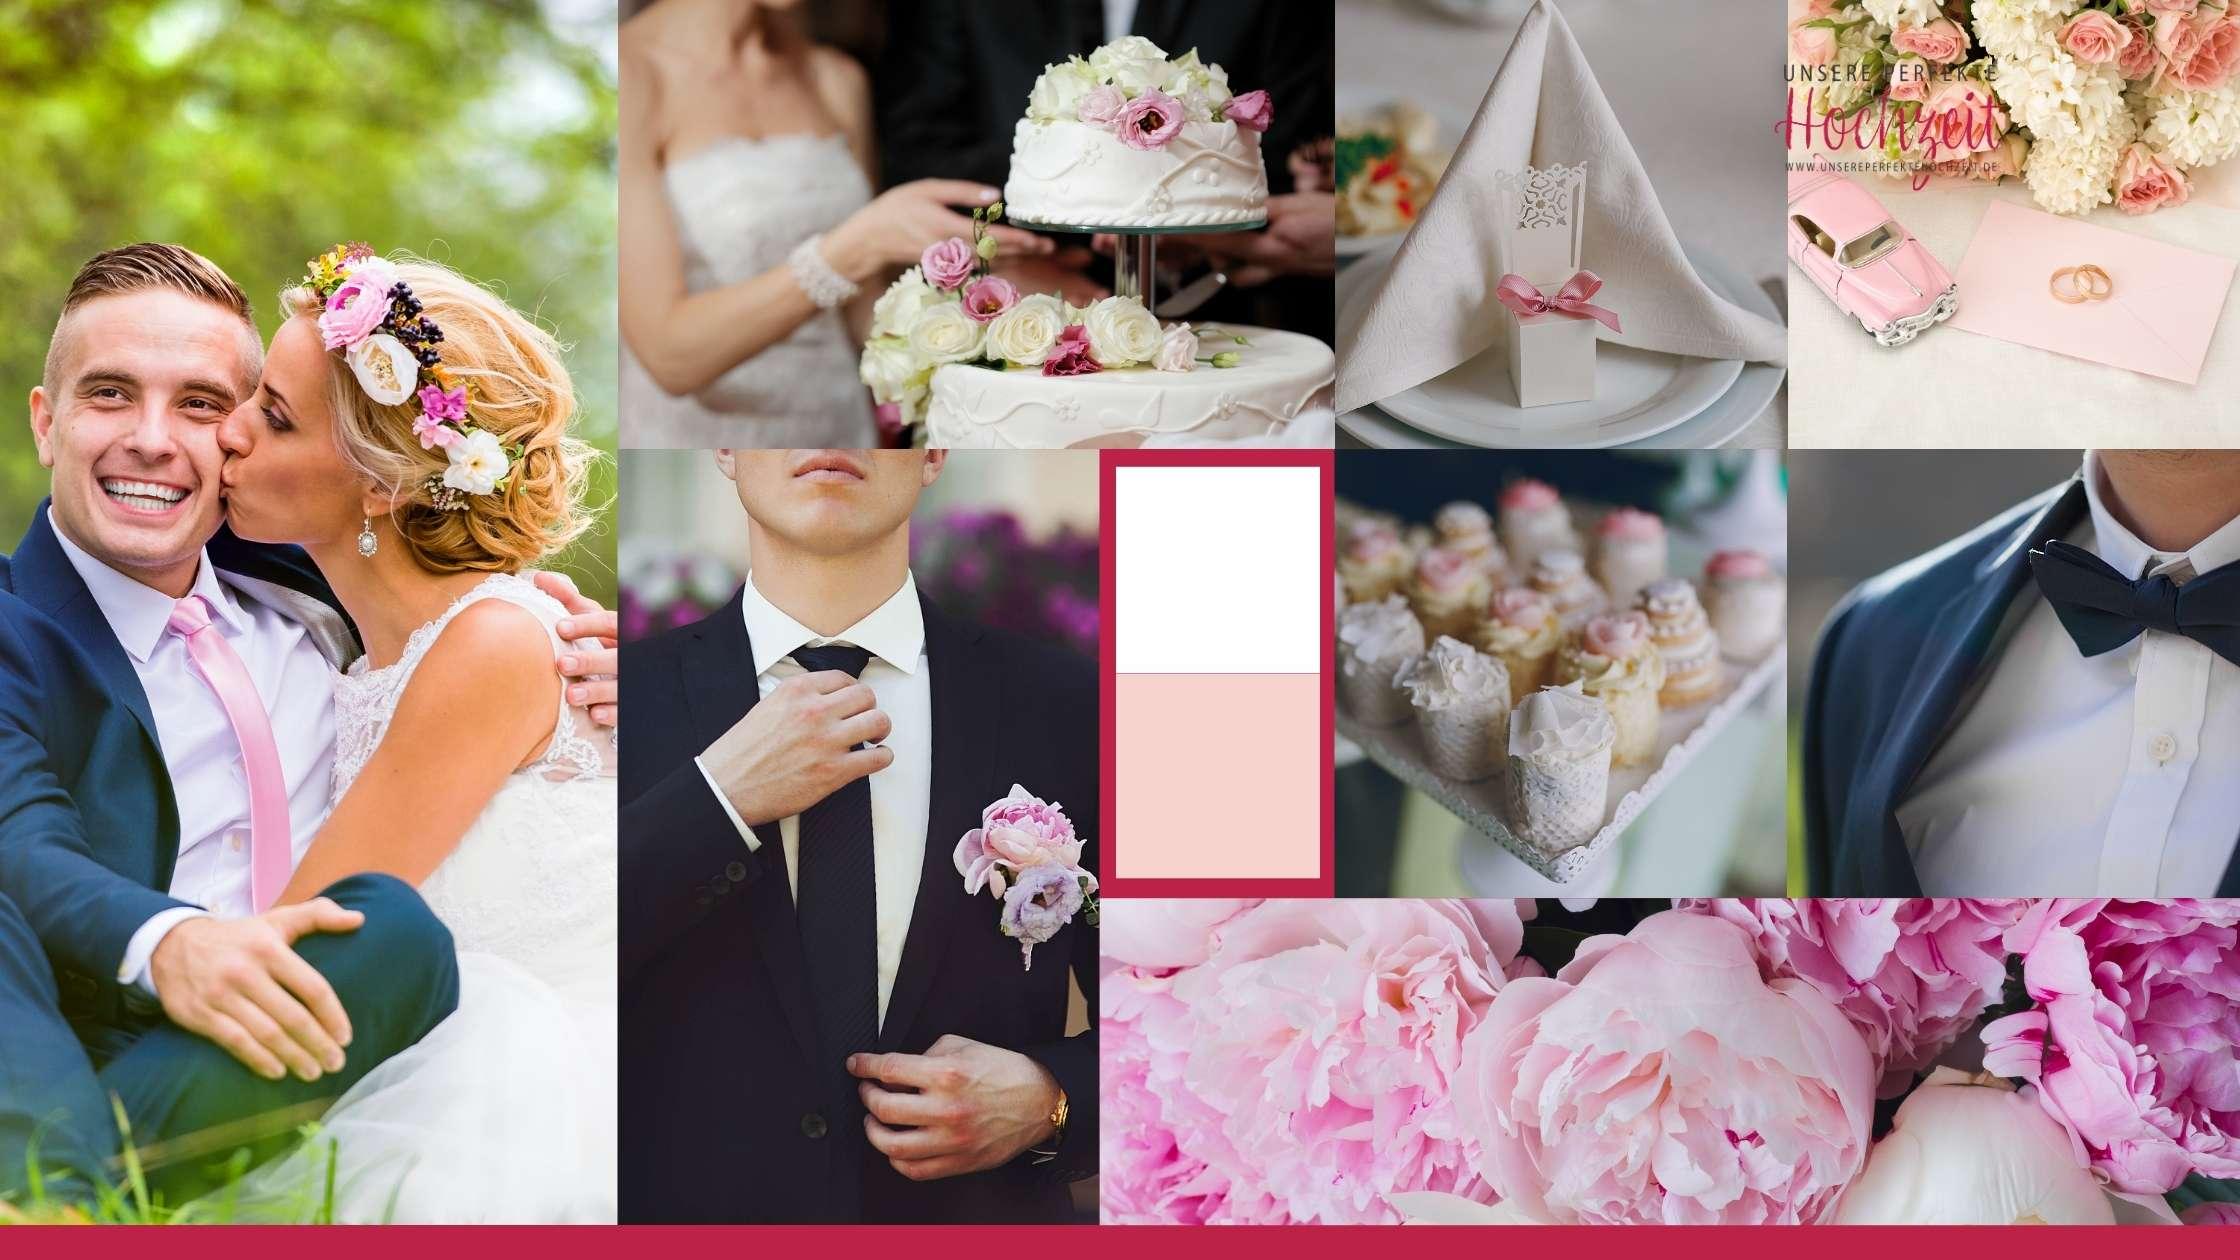 Moodboard - Unsere perfekte Hochzeit.de - Erste Schritte der Hochzeitsplanung